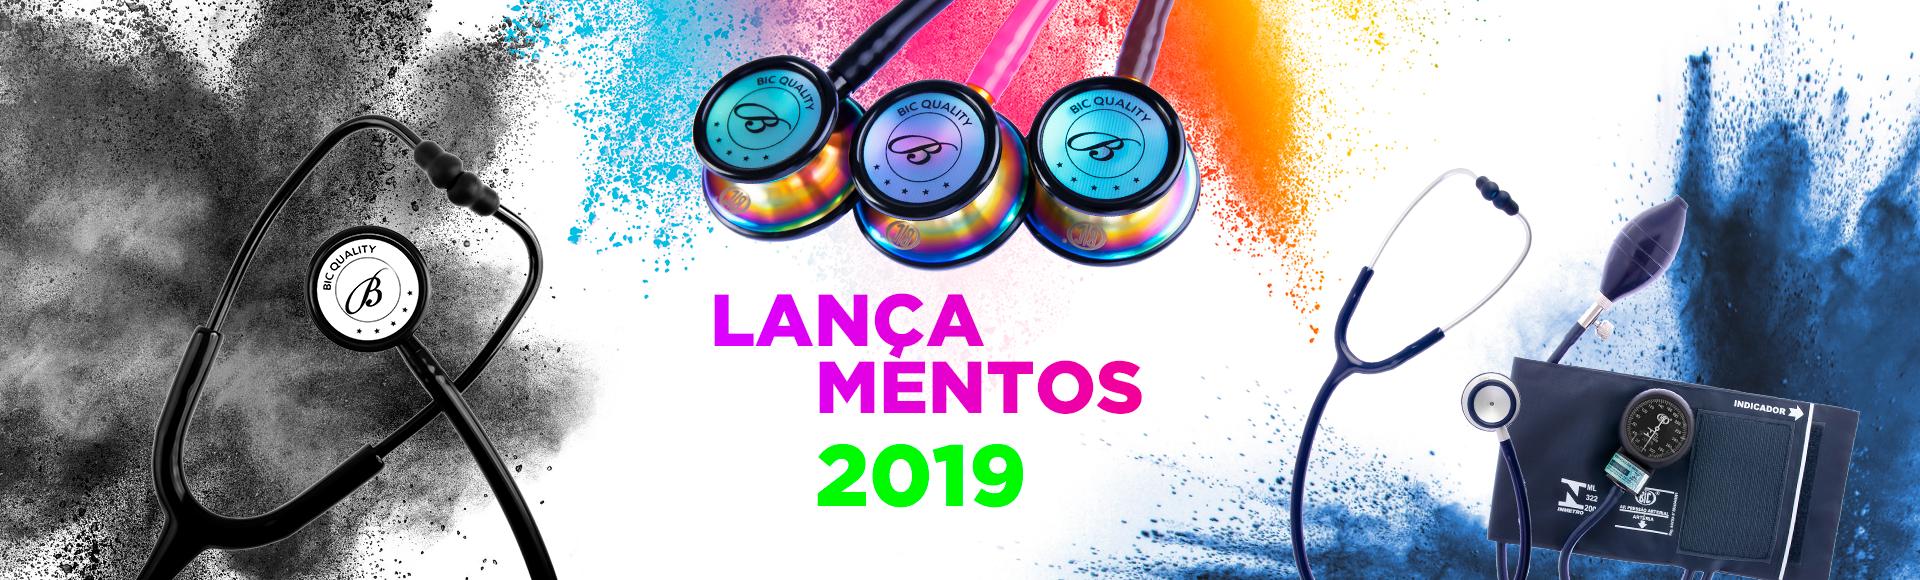 banner_cbemed_lancamento